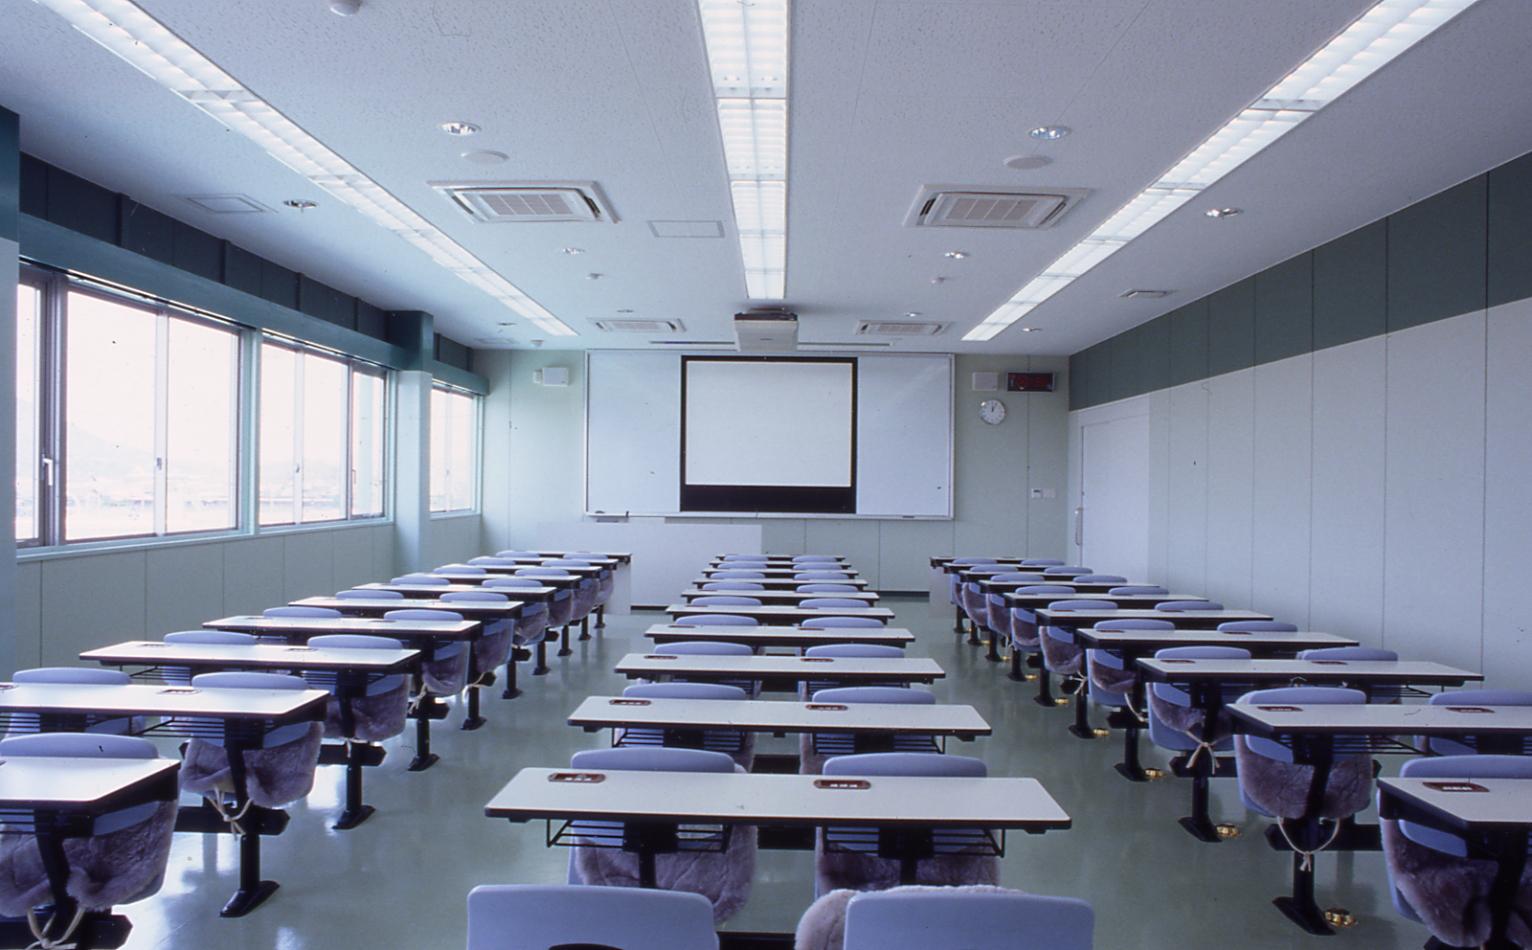 小浜自動車学校の安心、格安、丁寧な予約はHappy運転免許